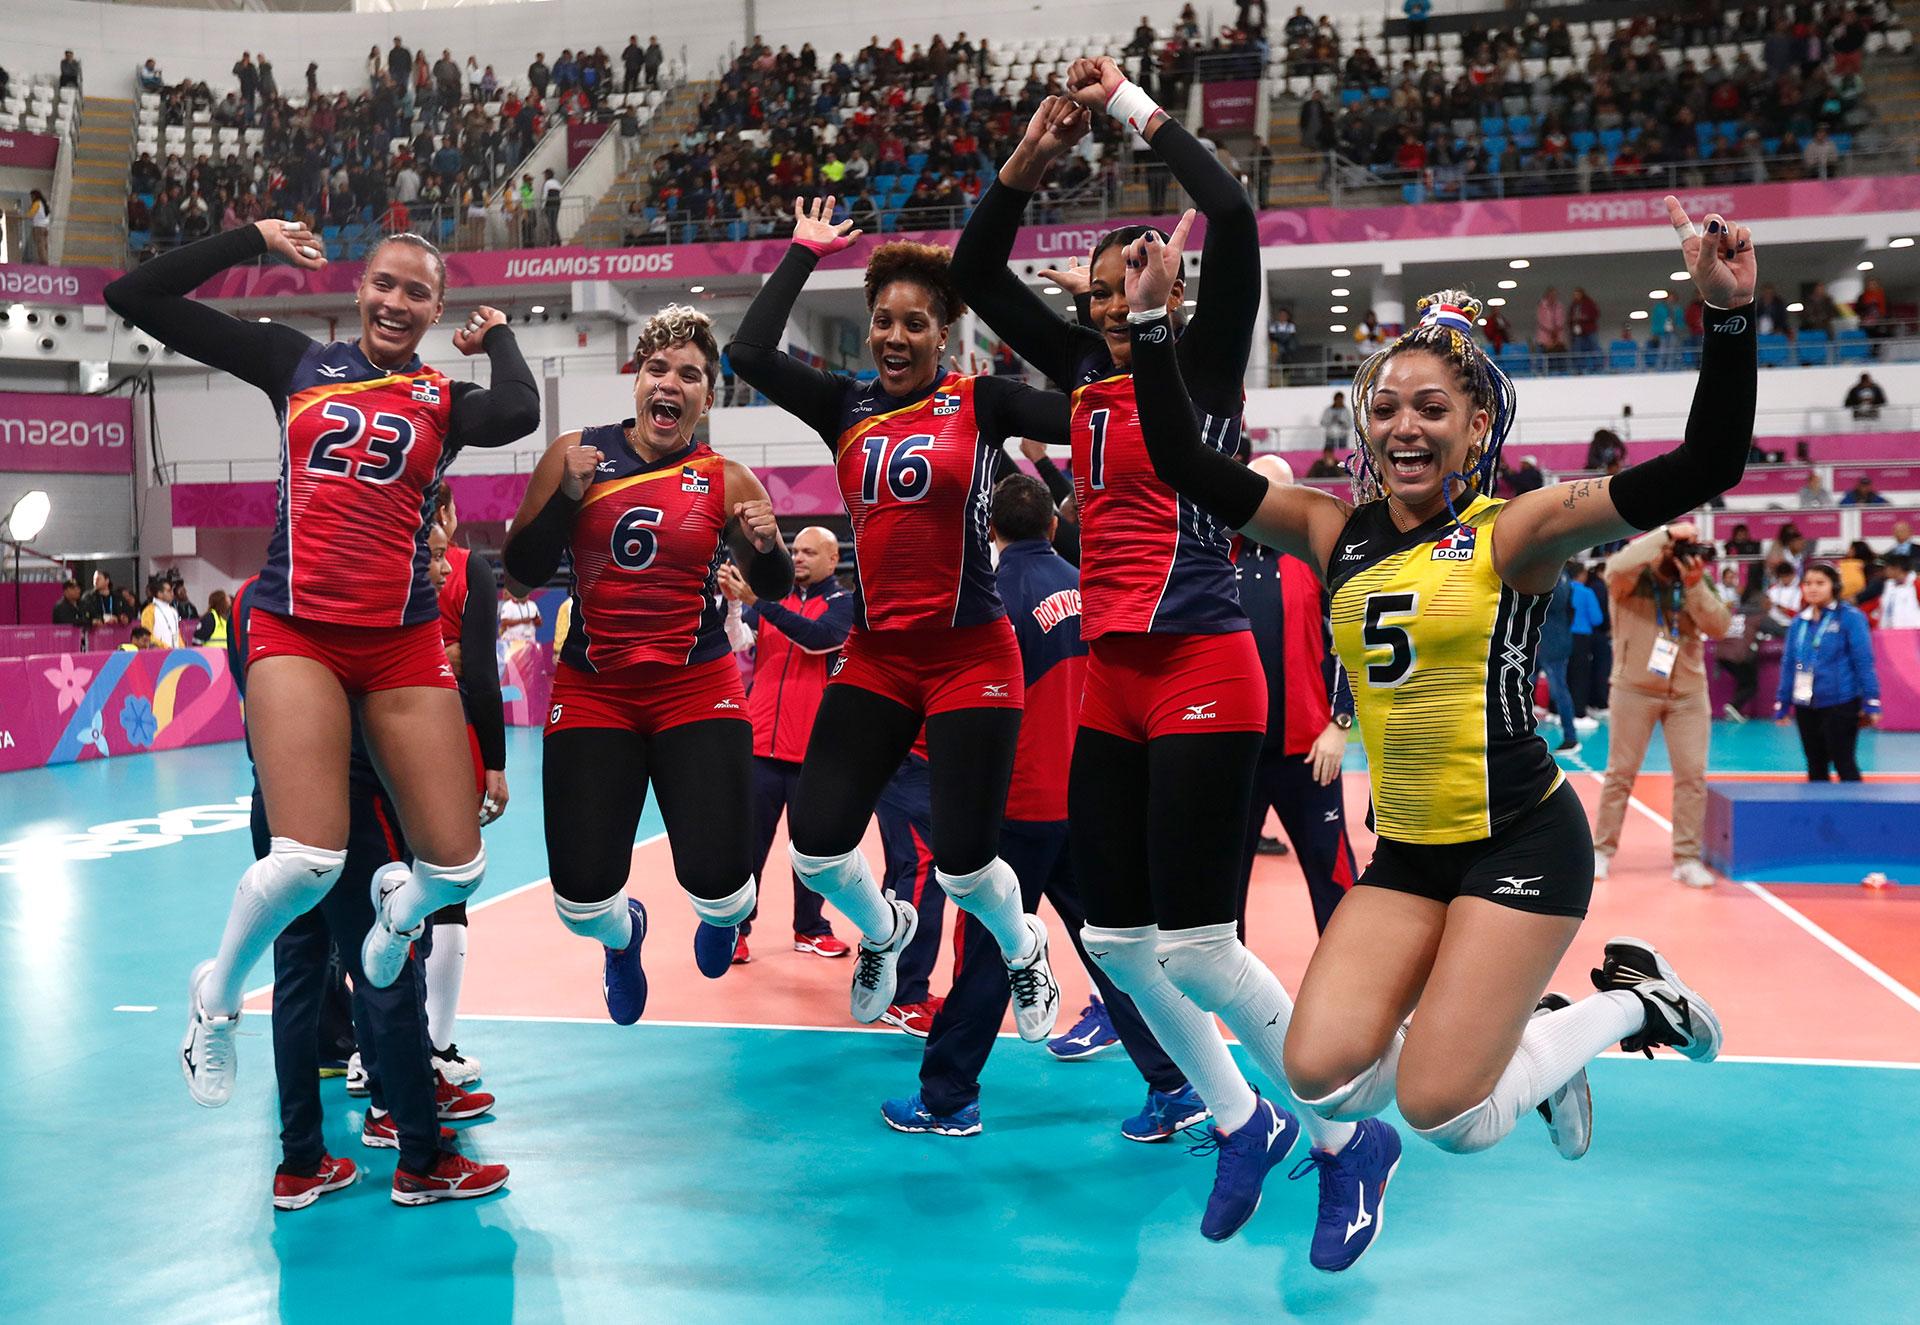 El equipo femenino de República Dominicana celebra su medalla de oro en el voley